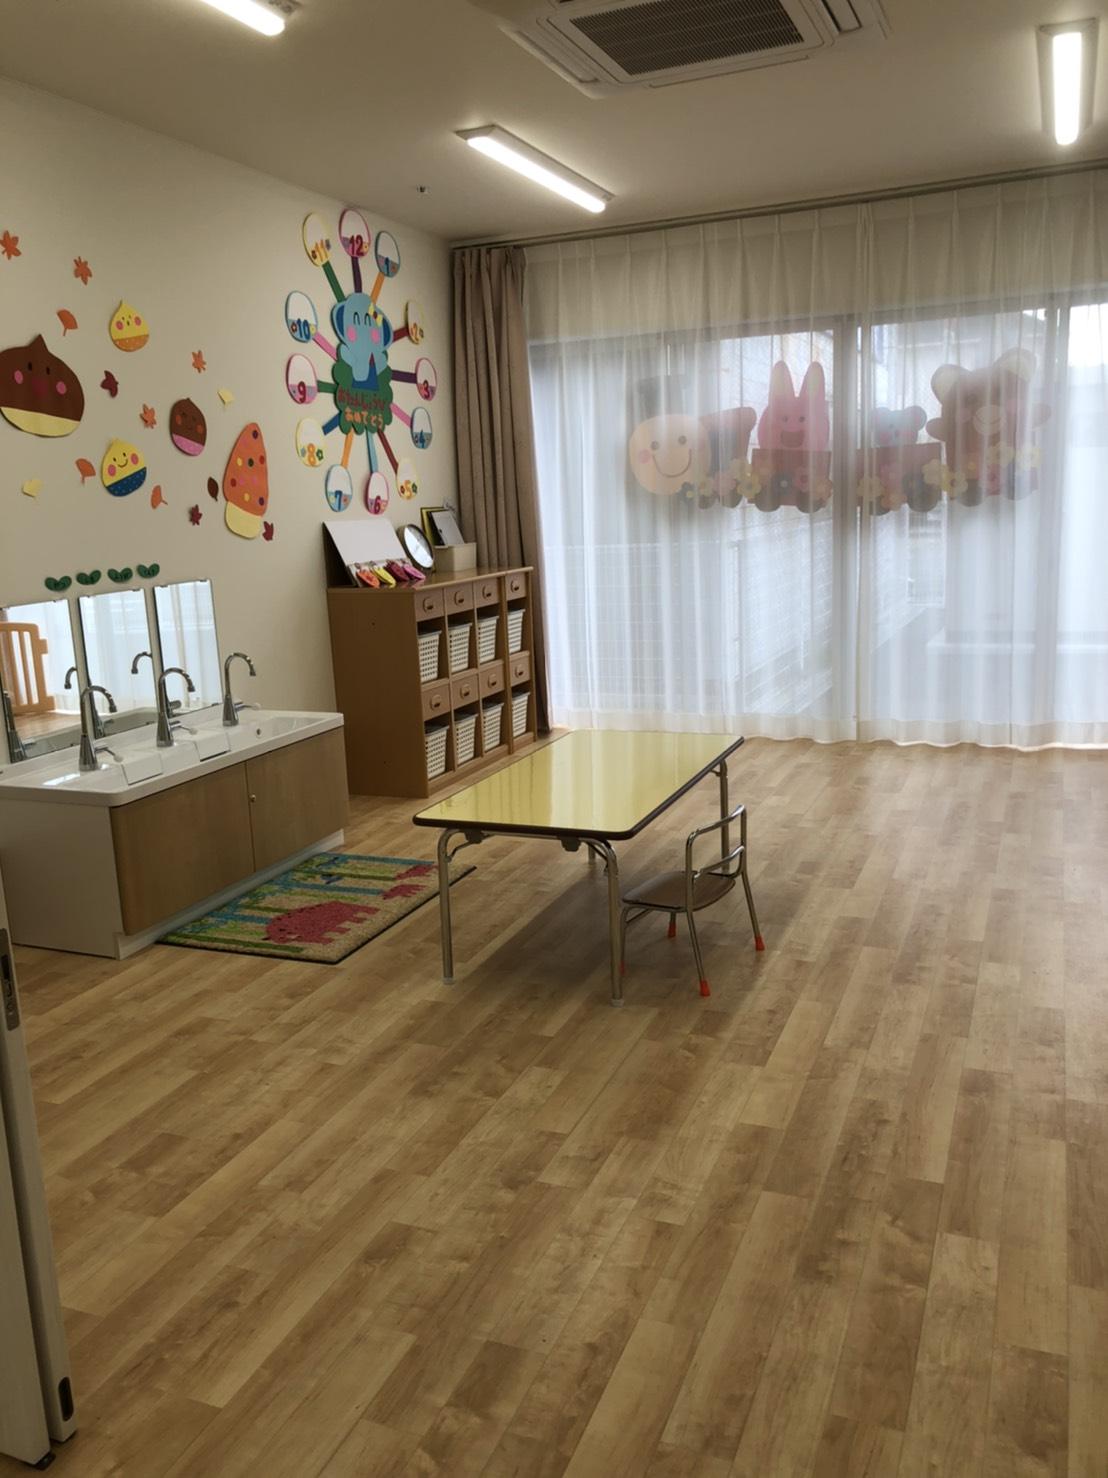 2019年10月 サービス付き高齢者向け住宅令和の森/NICONICO保育園 開始